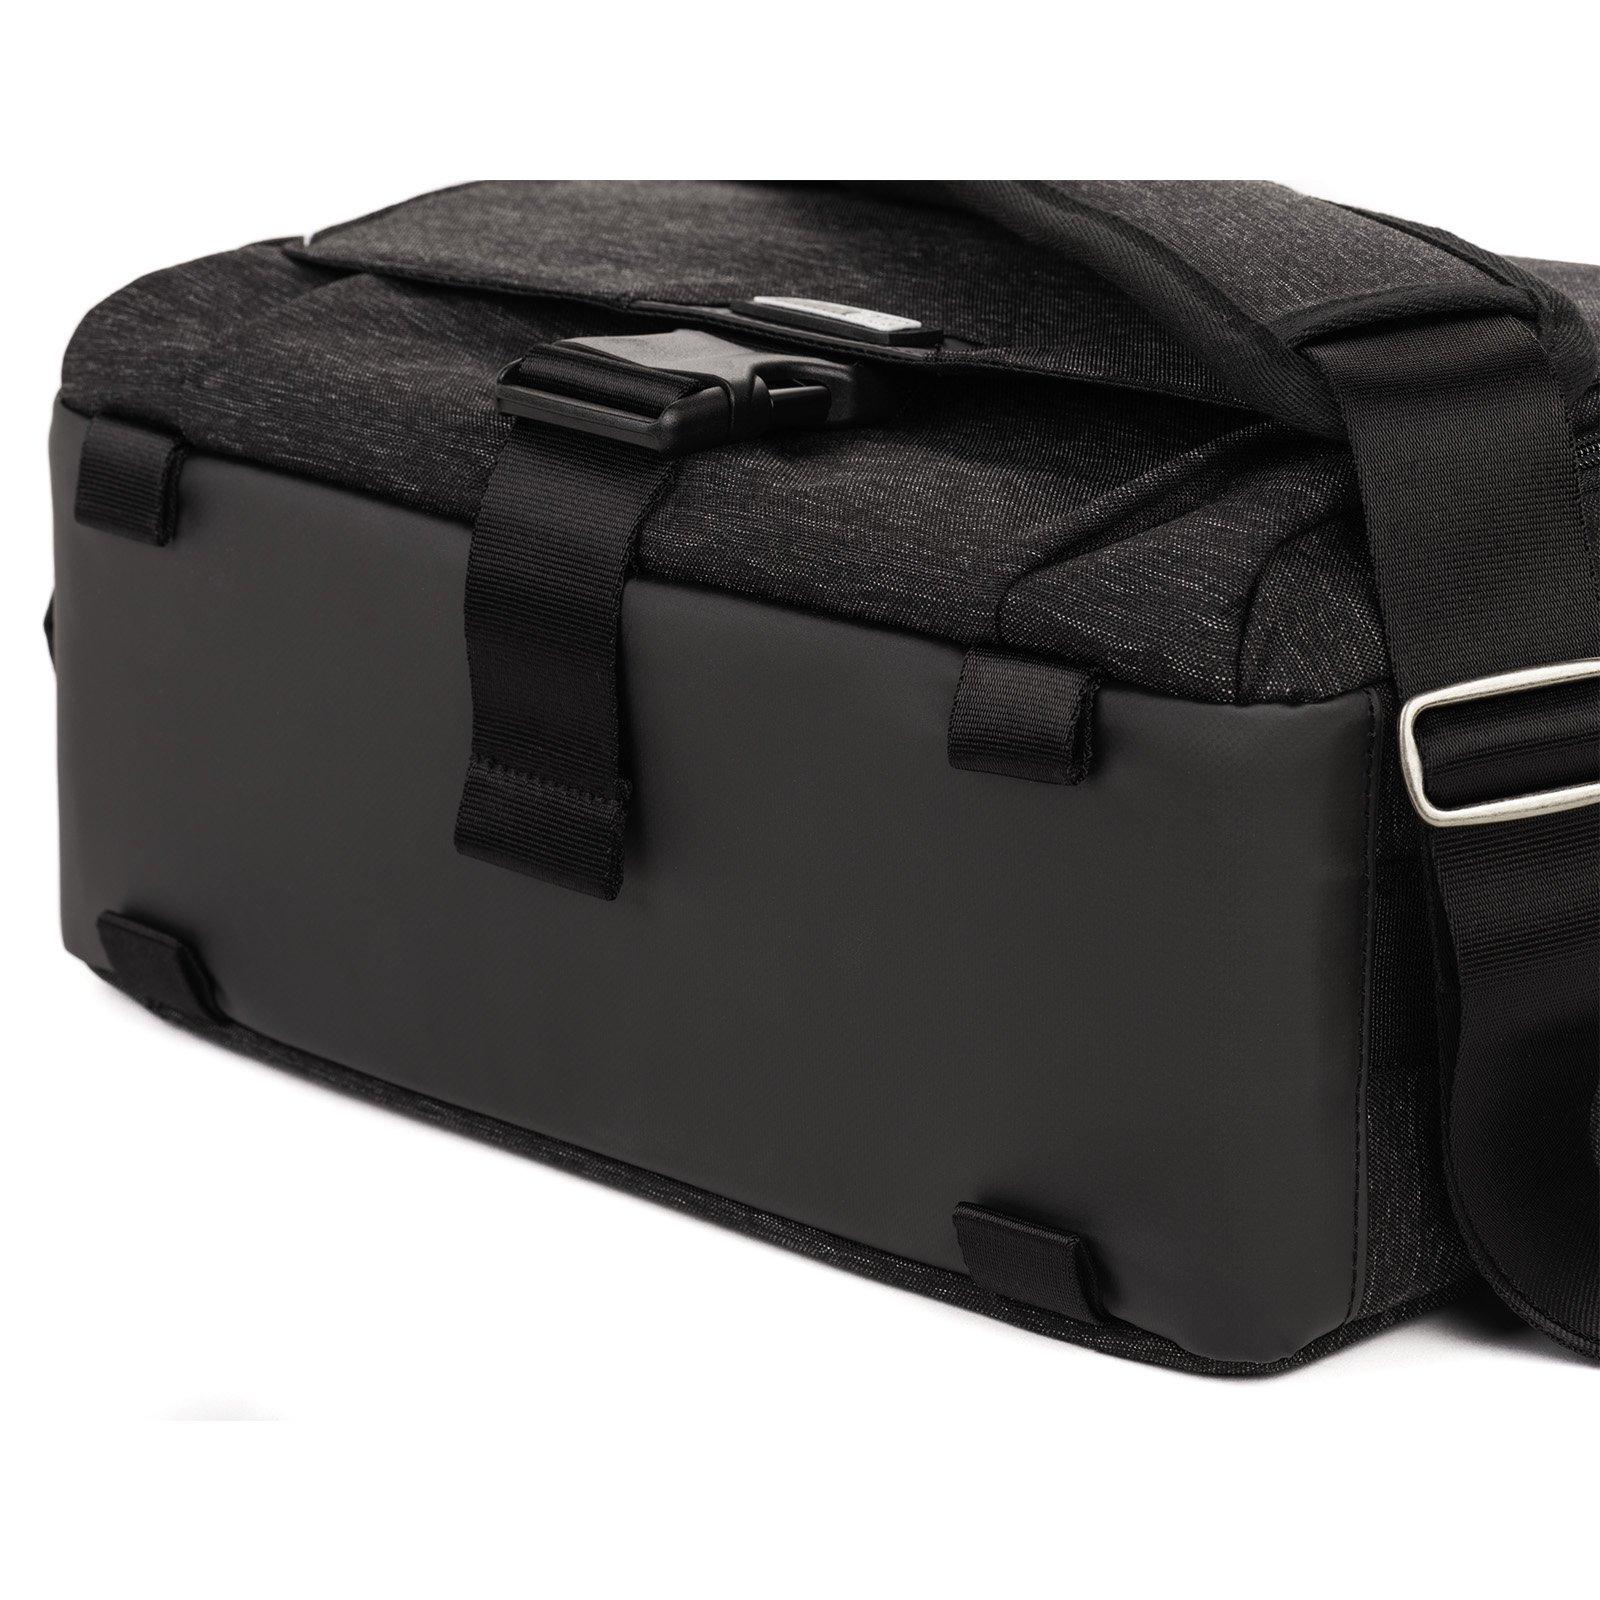 Túi đeo máy ảnh Think Tank Vision 13 - Hàng chính hãng